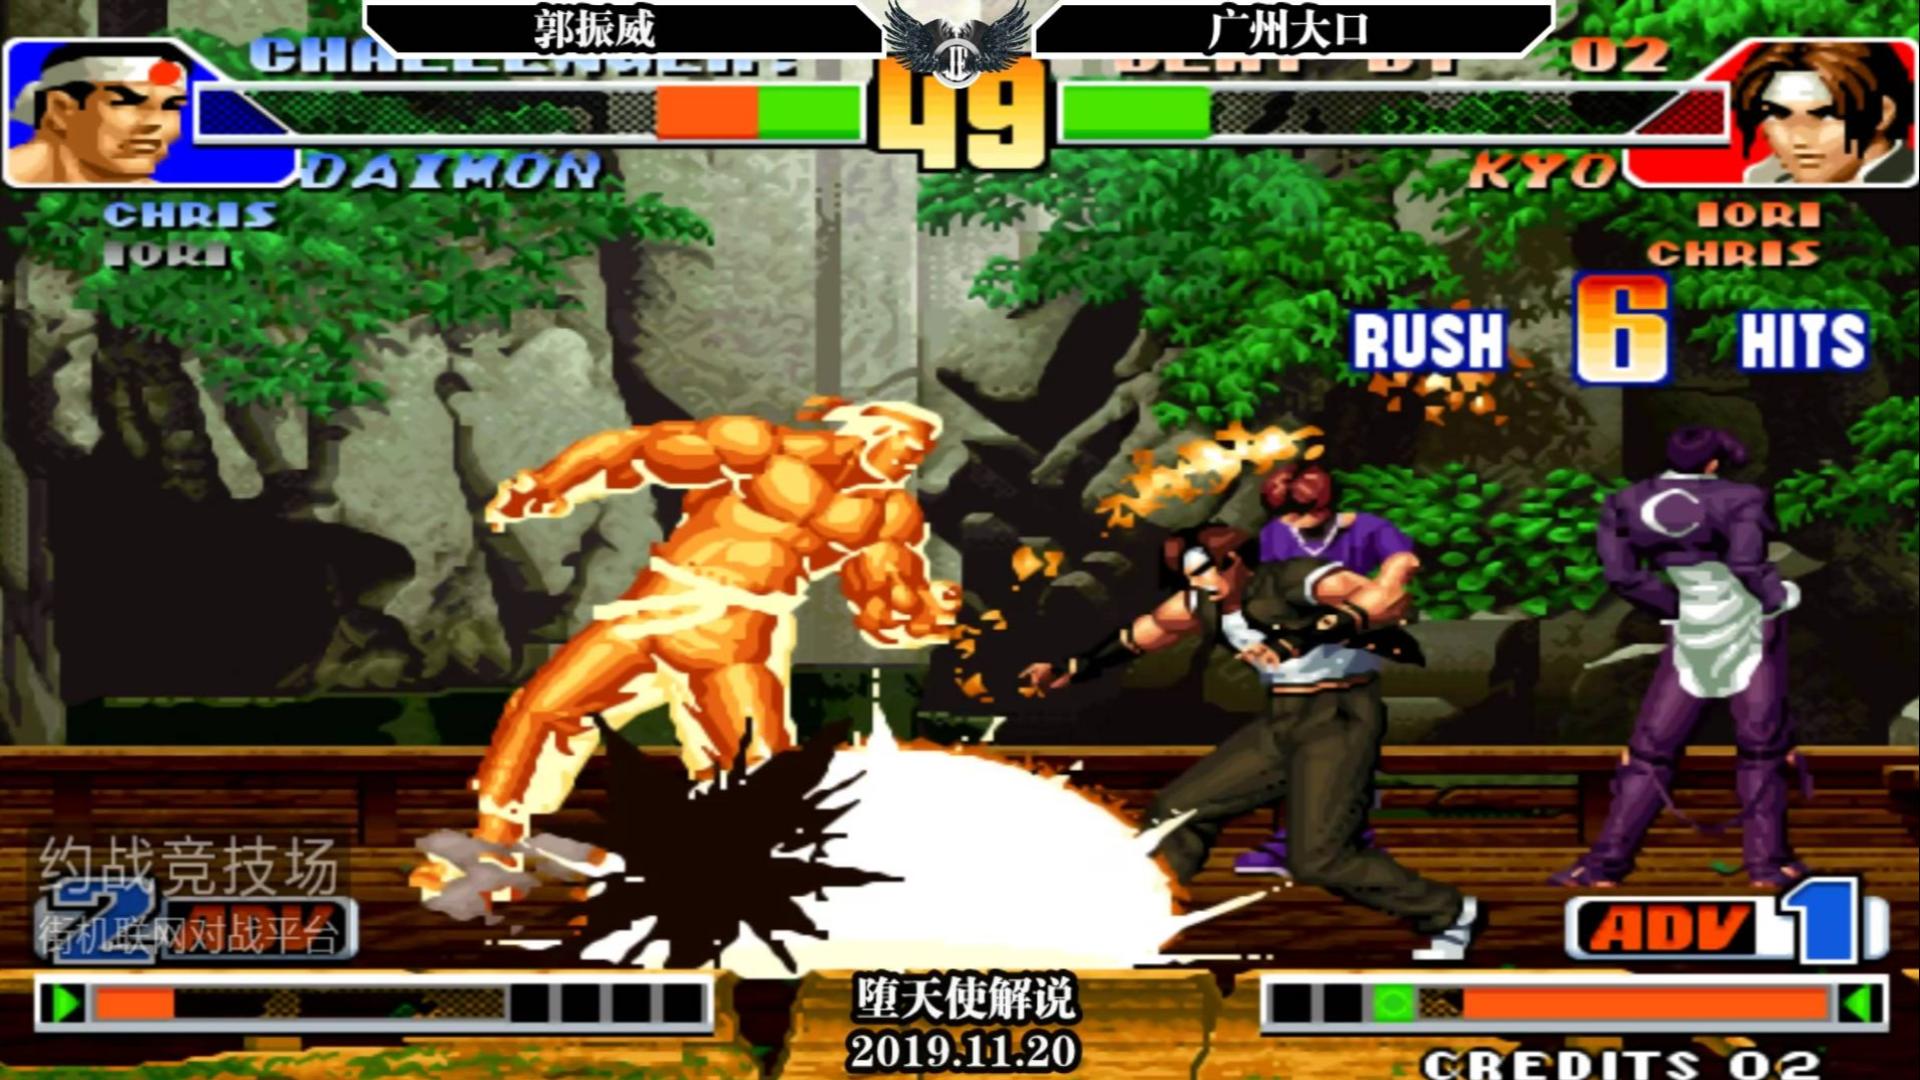 拳皇98:看看大口玩草薙京,这种手速,简直无敌了,太凶了